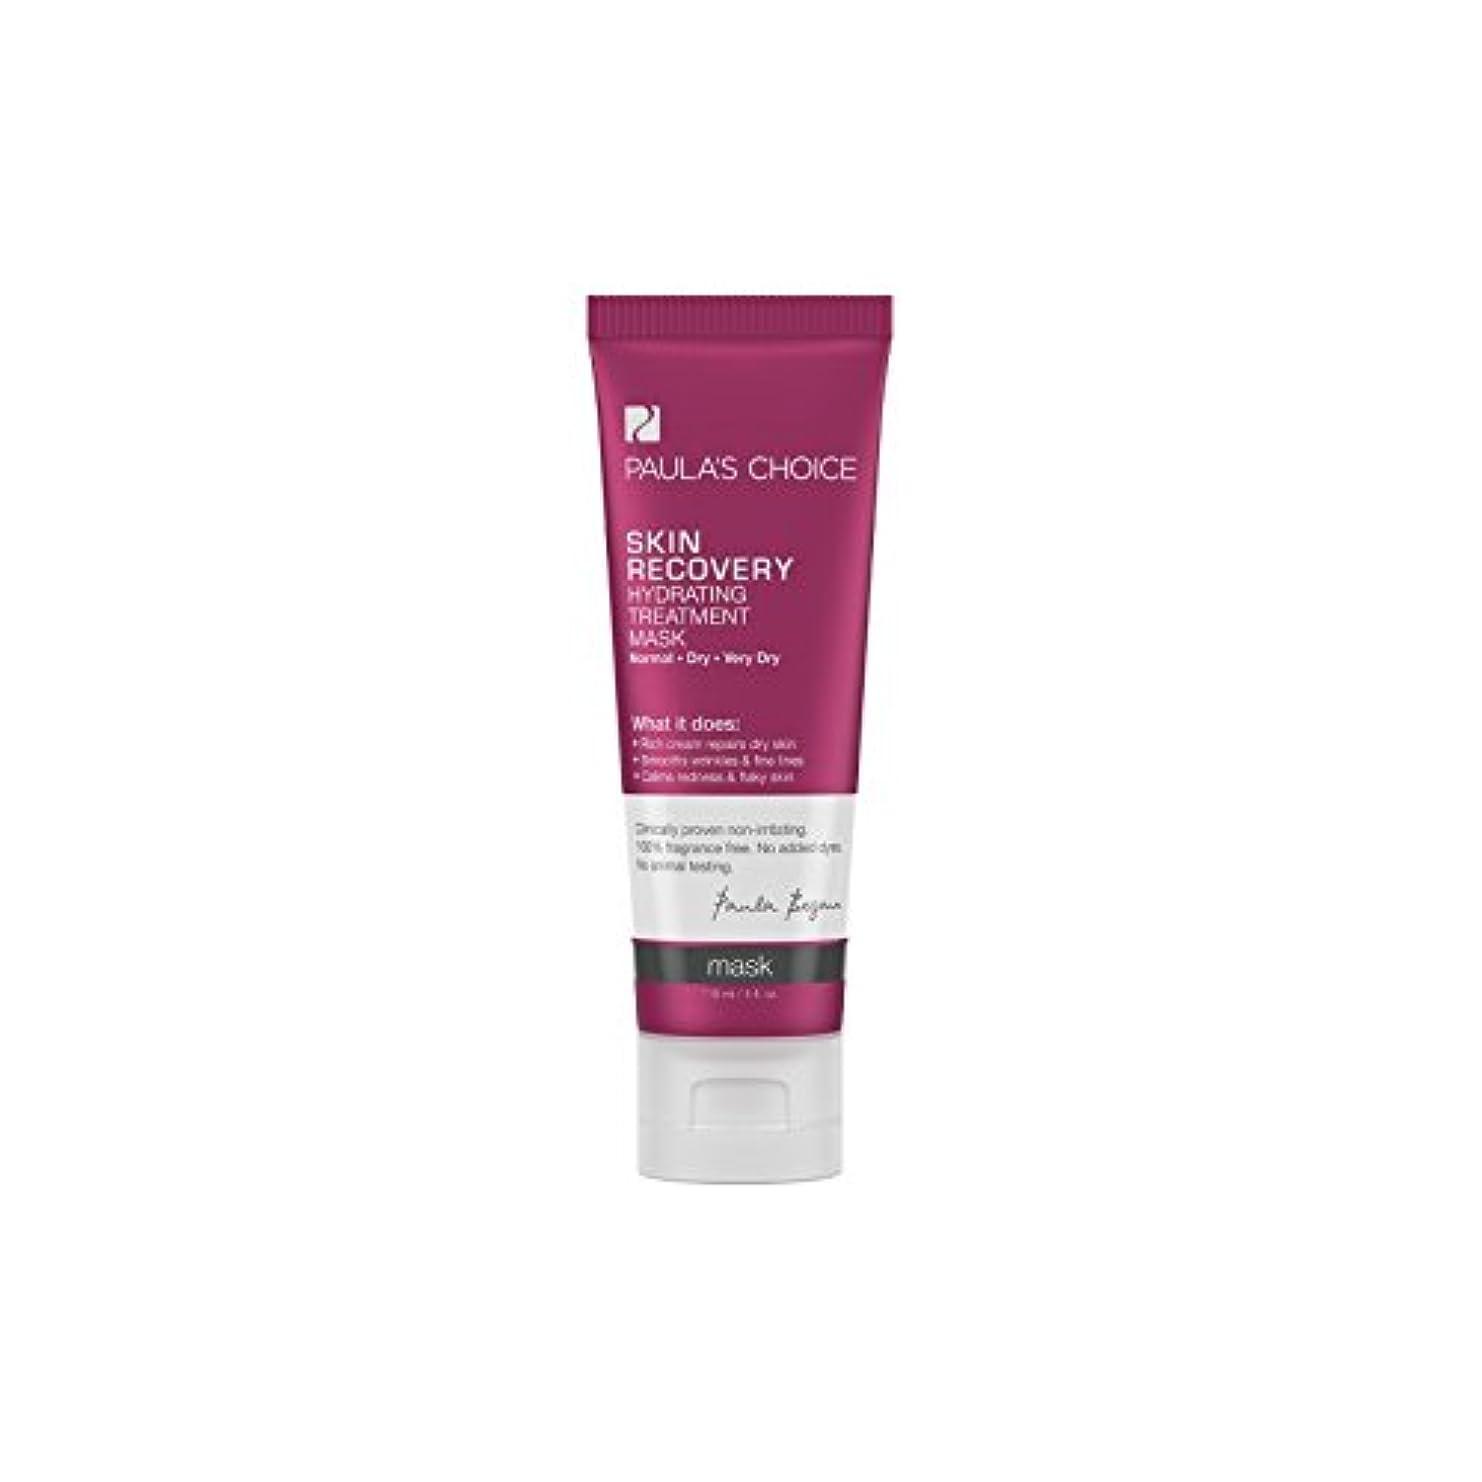 スパーク補う適合ポーラチョイスの肌の回復水和処理マスク(118ミリリットル) x4 - Paula's Choice Skin Recovery Hydrating Treatment Mask (118ml) (Pack of 4) [並行輸入品]